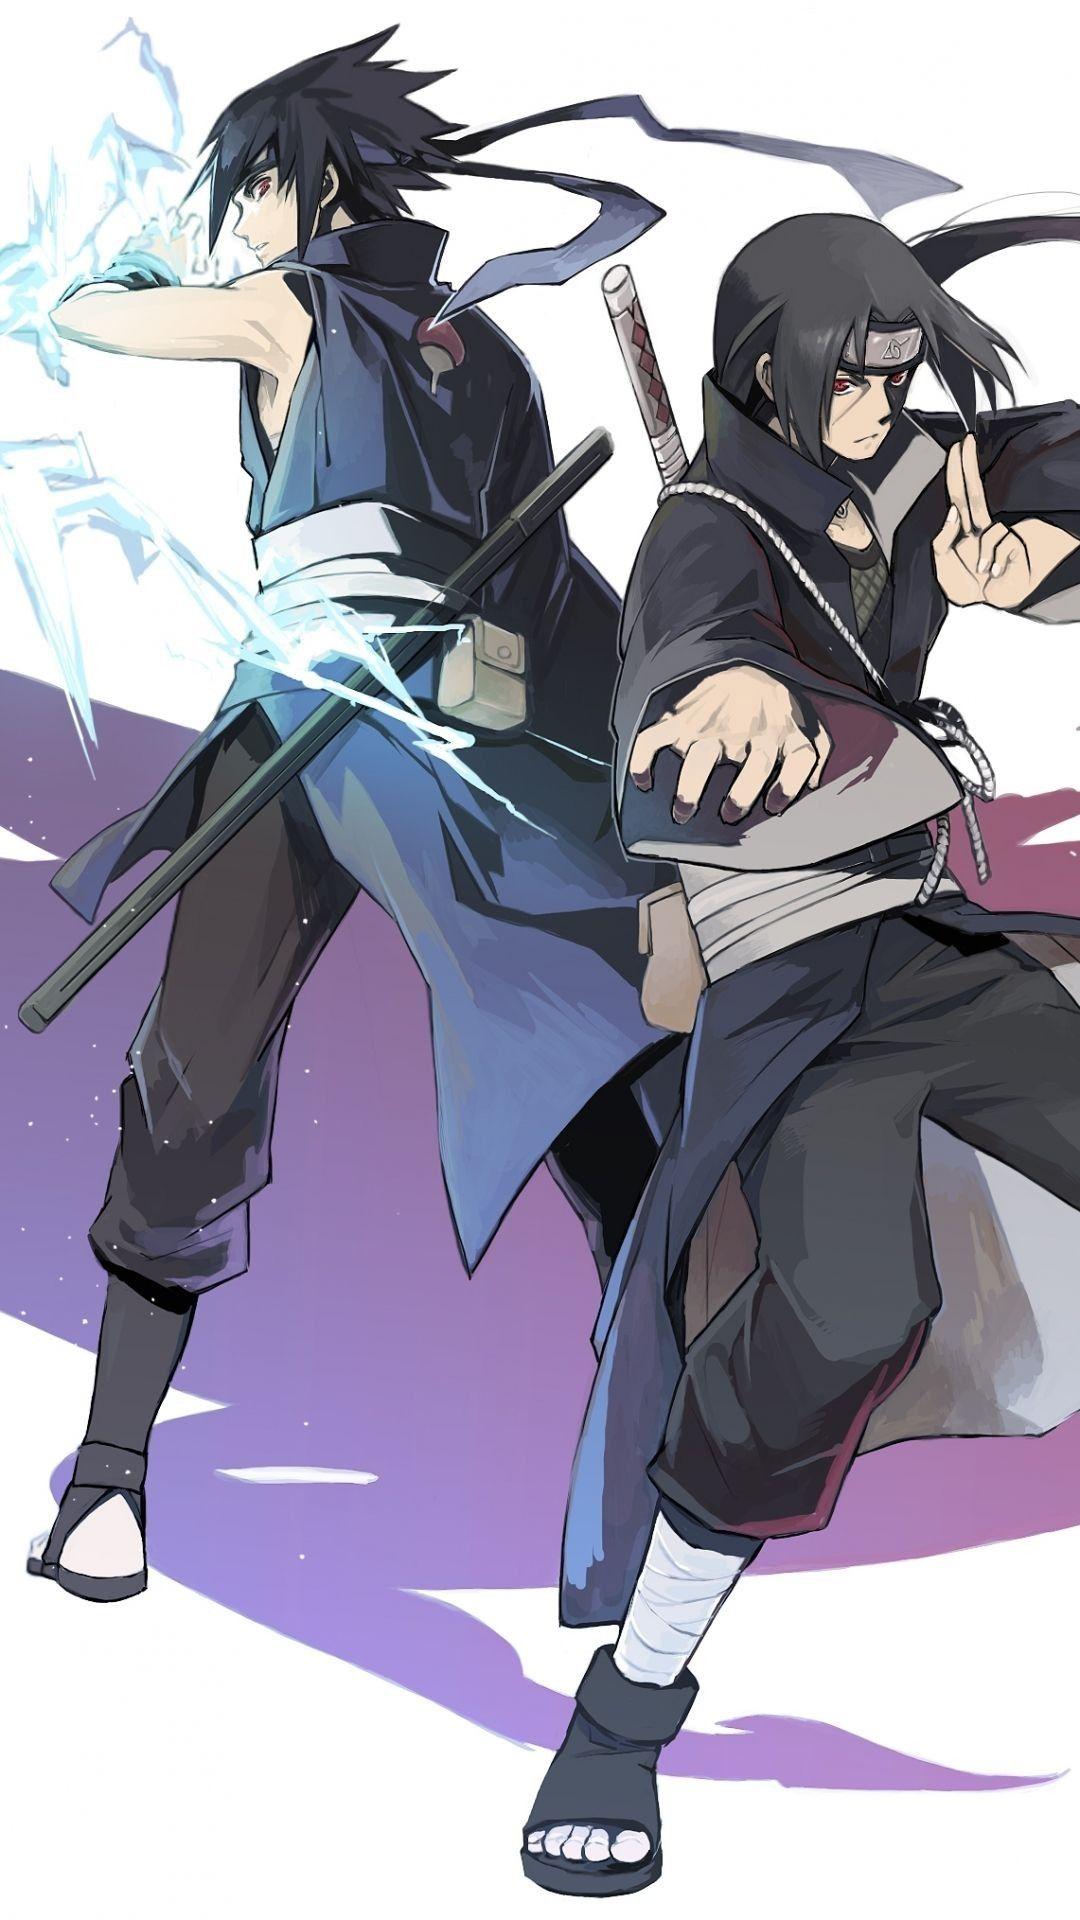 Iphone X Xr Xs 6 7 8 Plus Soft Tpu Case Cover Uchiha Itachi And Sasuke Sasuke And Itachi Itachi Uchiha Itachi